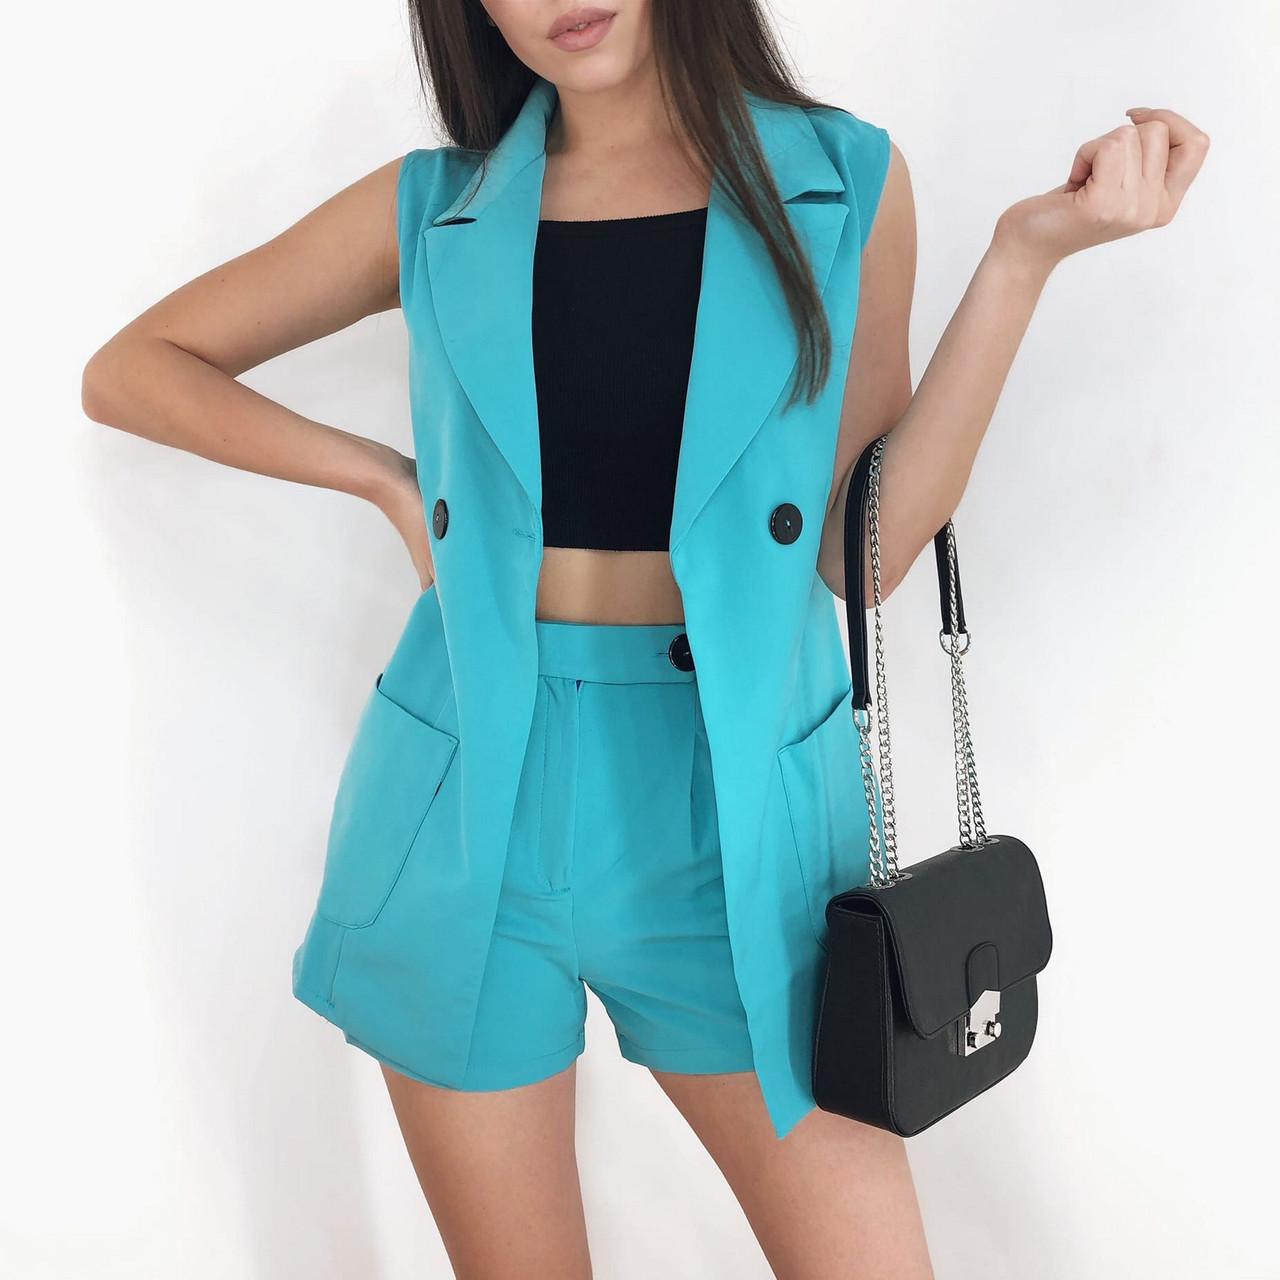 Костюм двійка жіночий (піджак без рукавів і шорти), 00955 (Блакитний), Розмір 42 (S)